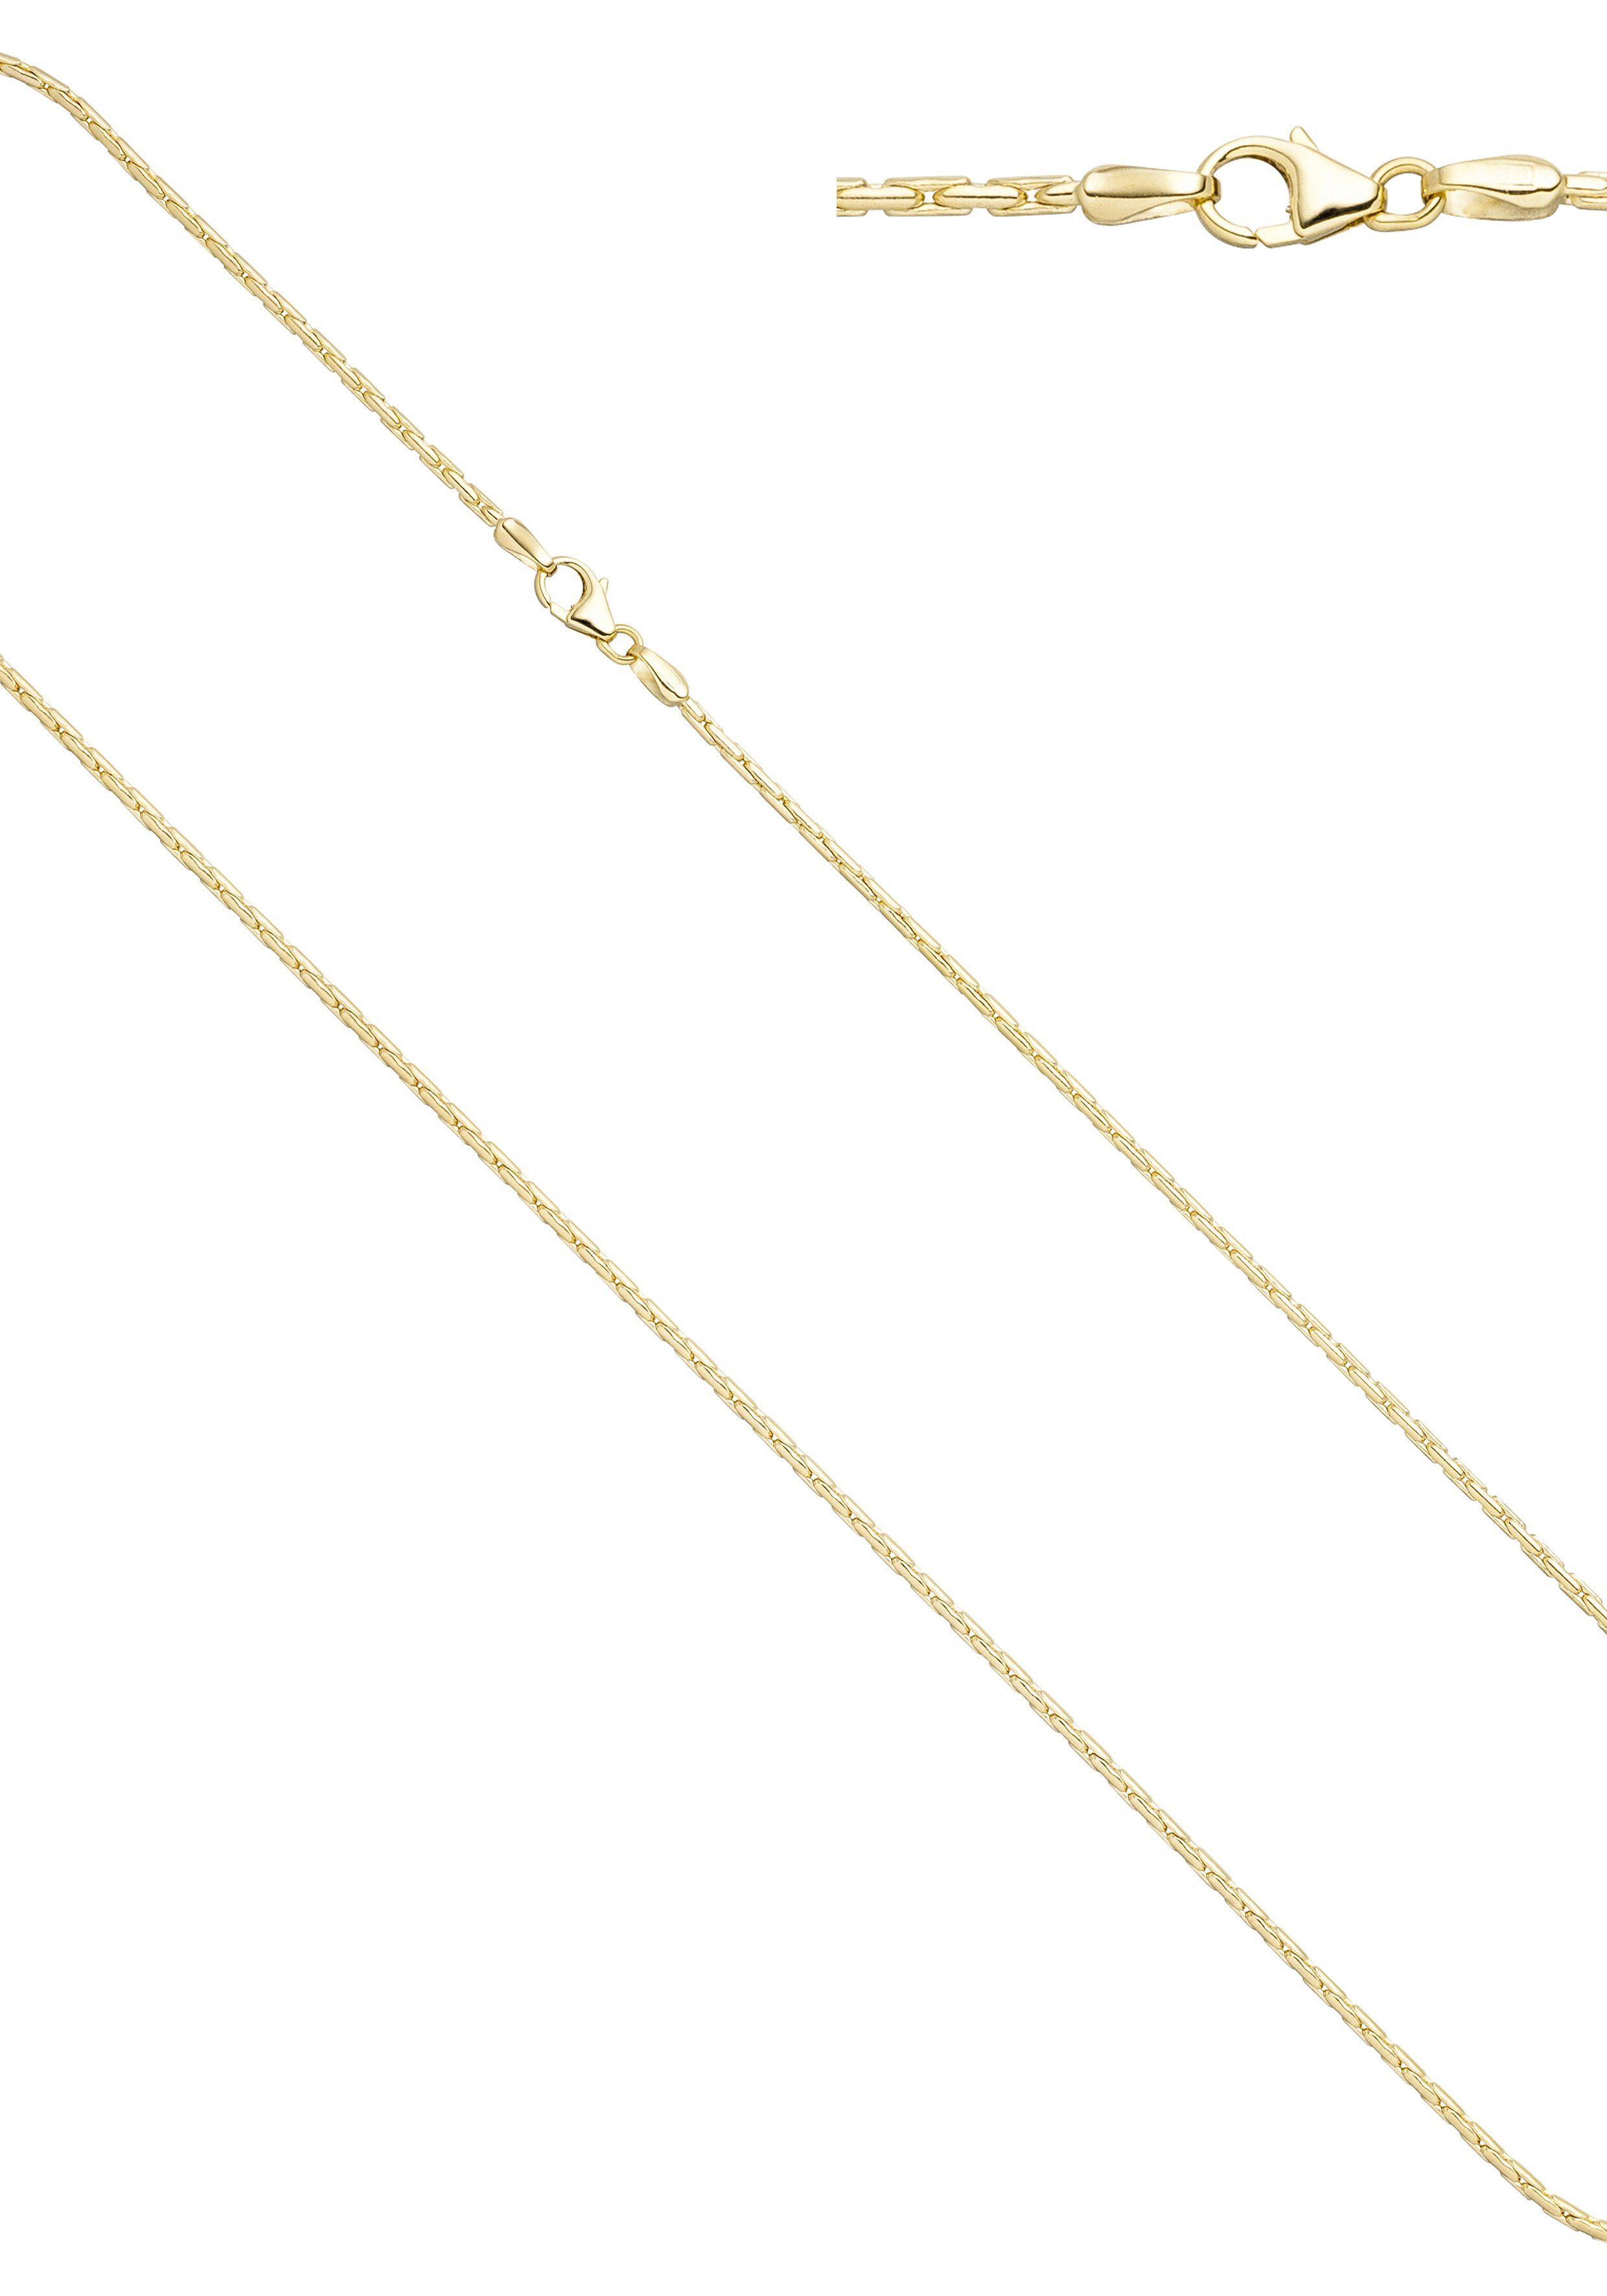 Goldkette Gold 50 1 Jobo Kaufen 7 Kobrakette Online Mm Oval Cm 333 mYIf6yv7bg